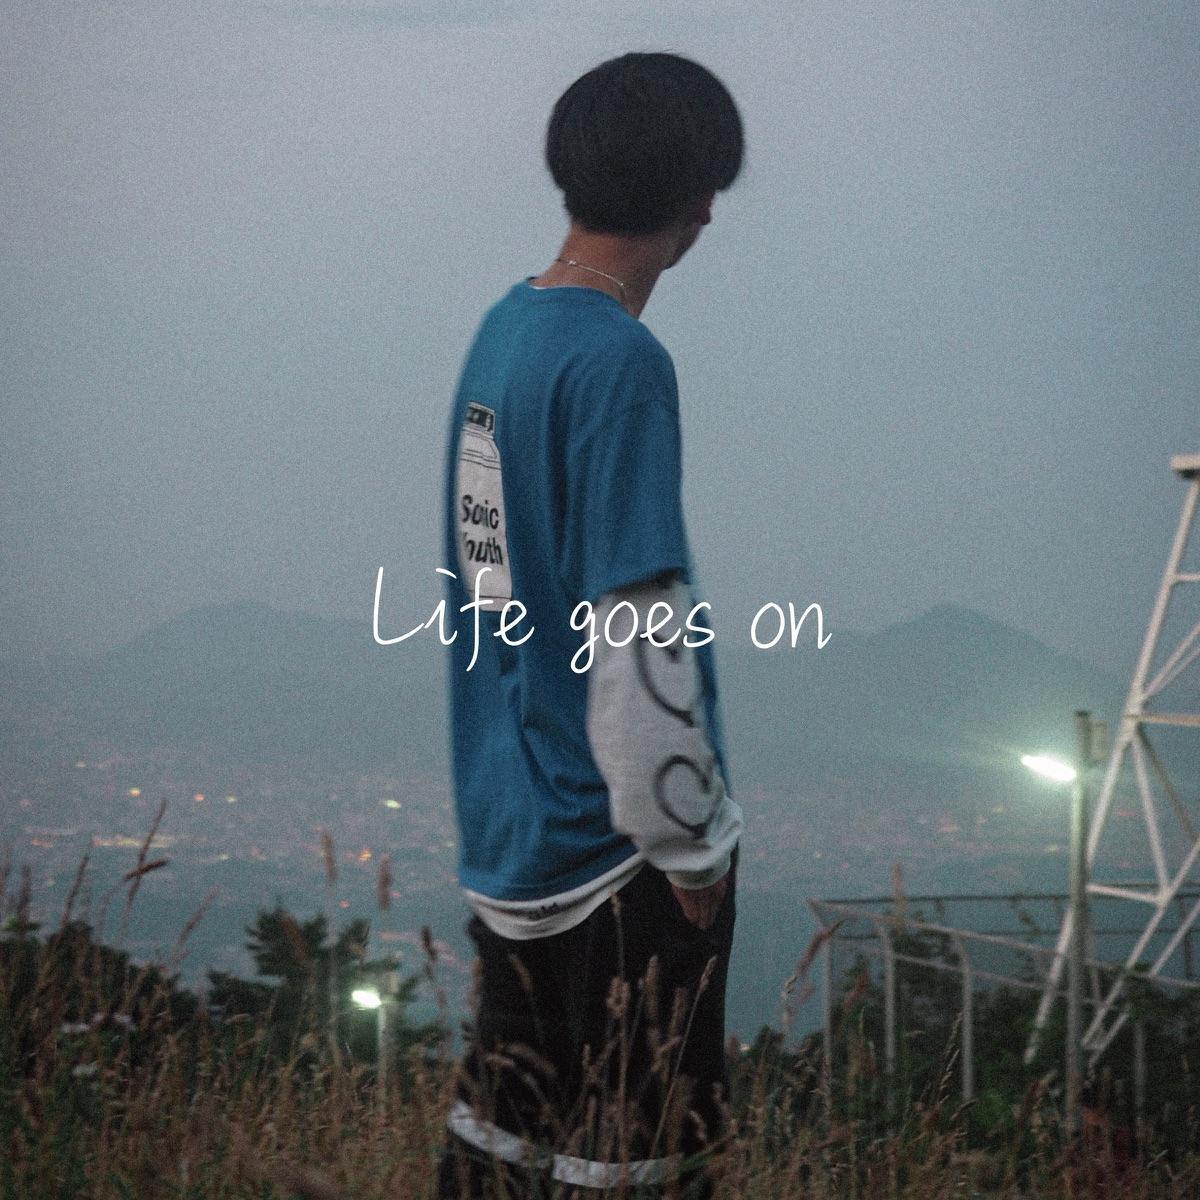 『さなり - Life goes on』収録の『Life goes on』ジャケット